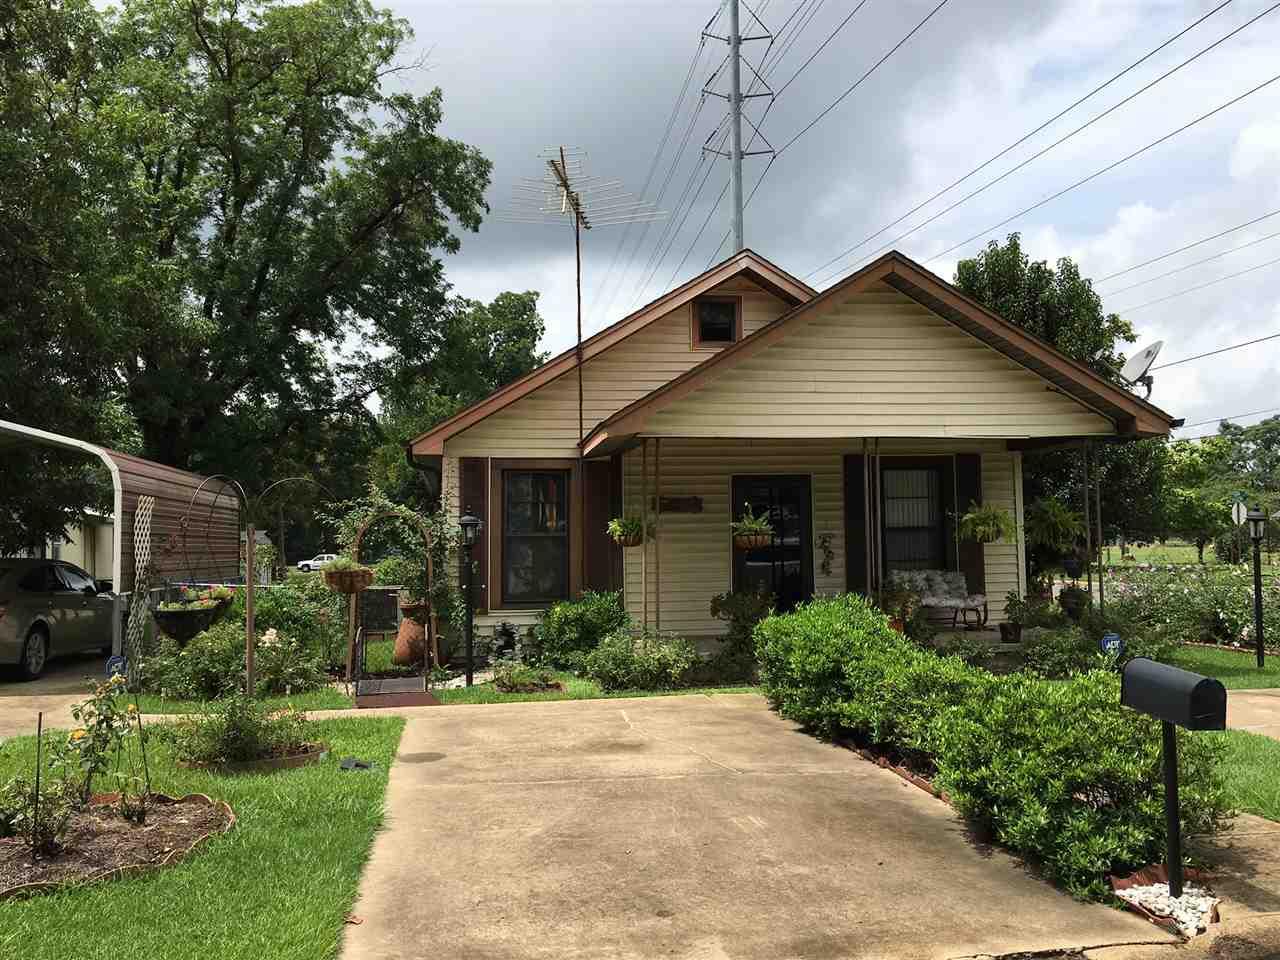 501 Jackson, Texarkana, AR, 71854 Primary Photo